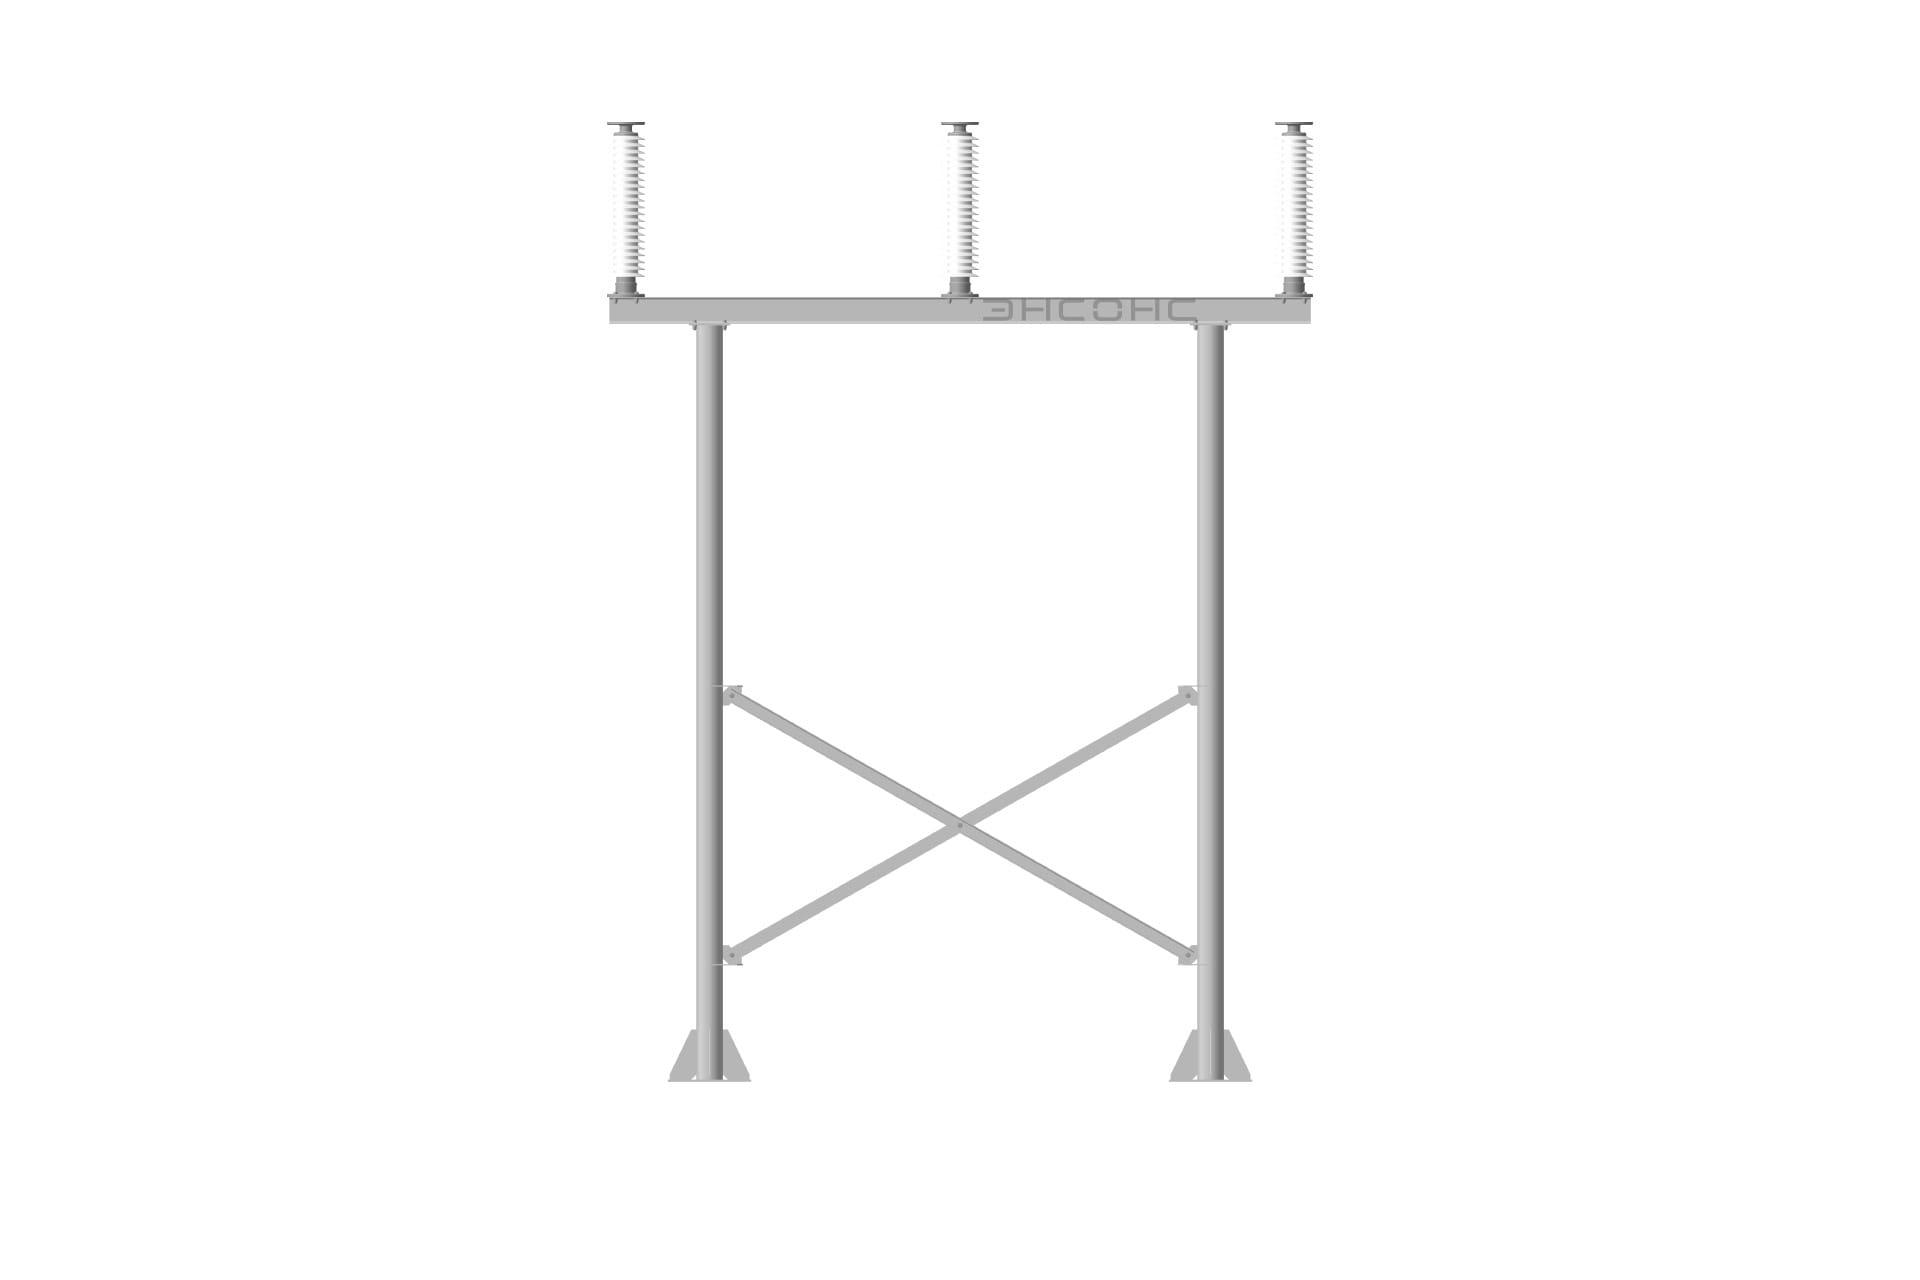 Ensons - Блок опорных изоляторов 110 кВ